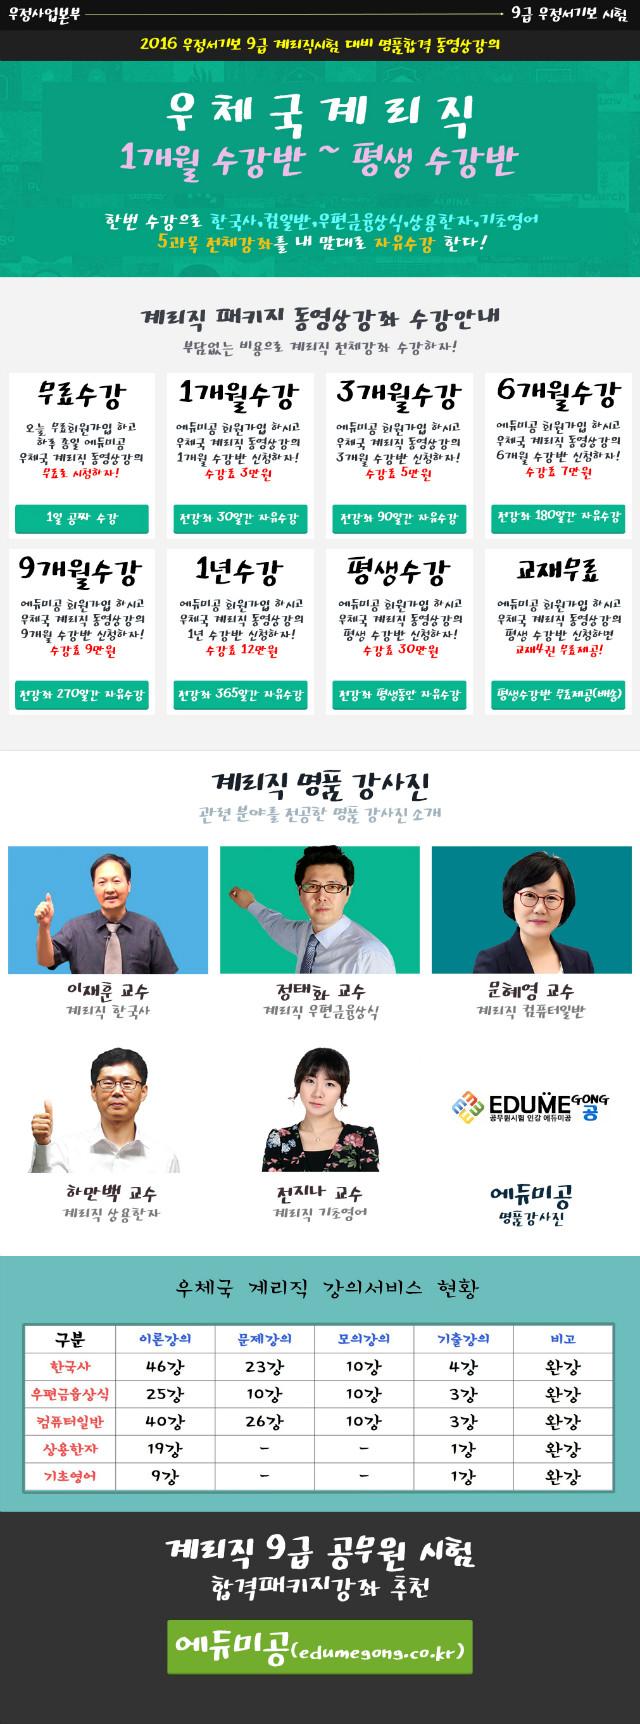 에듀미공_계리직_패키지강좌이벤트.jpg